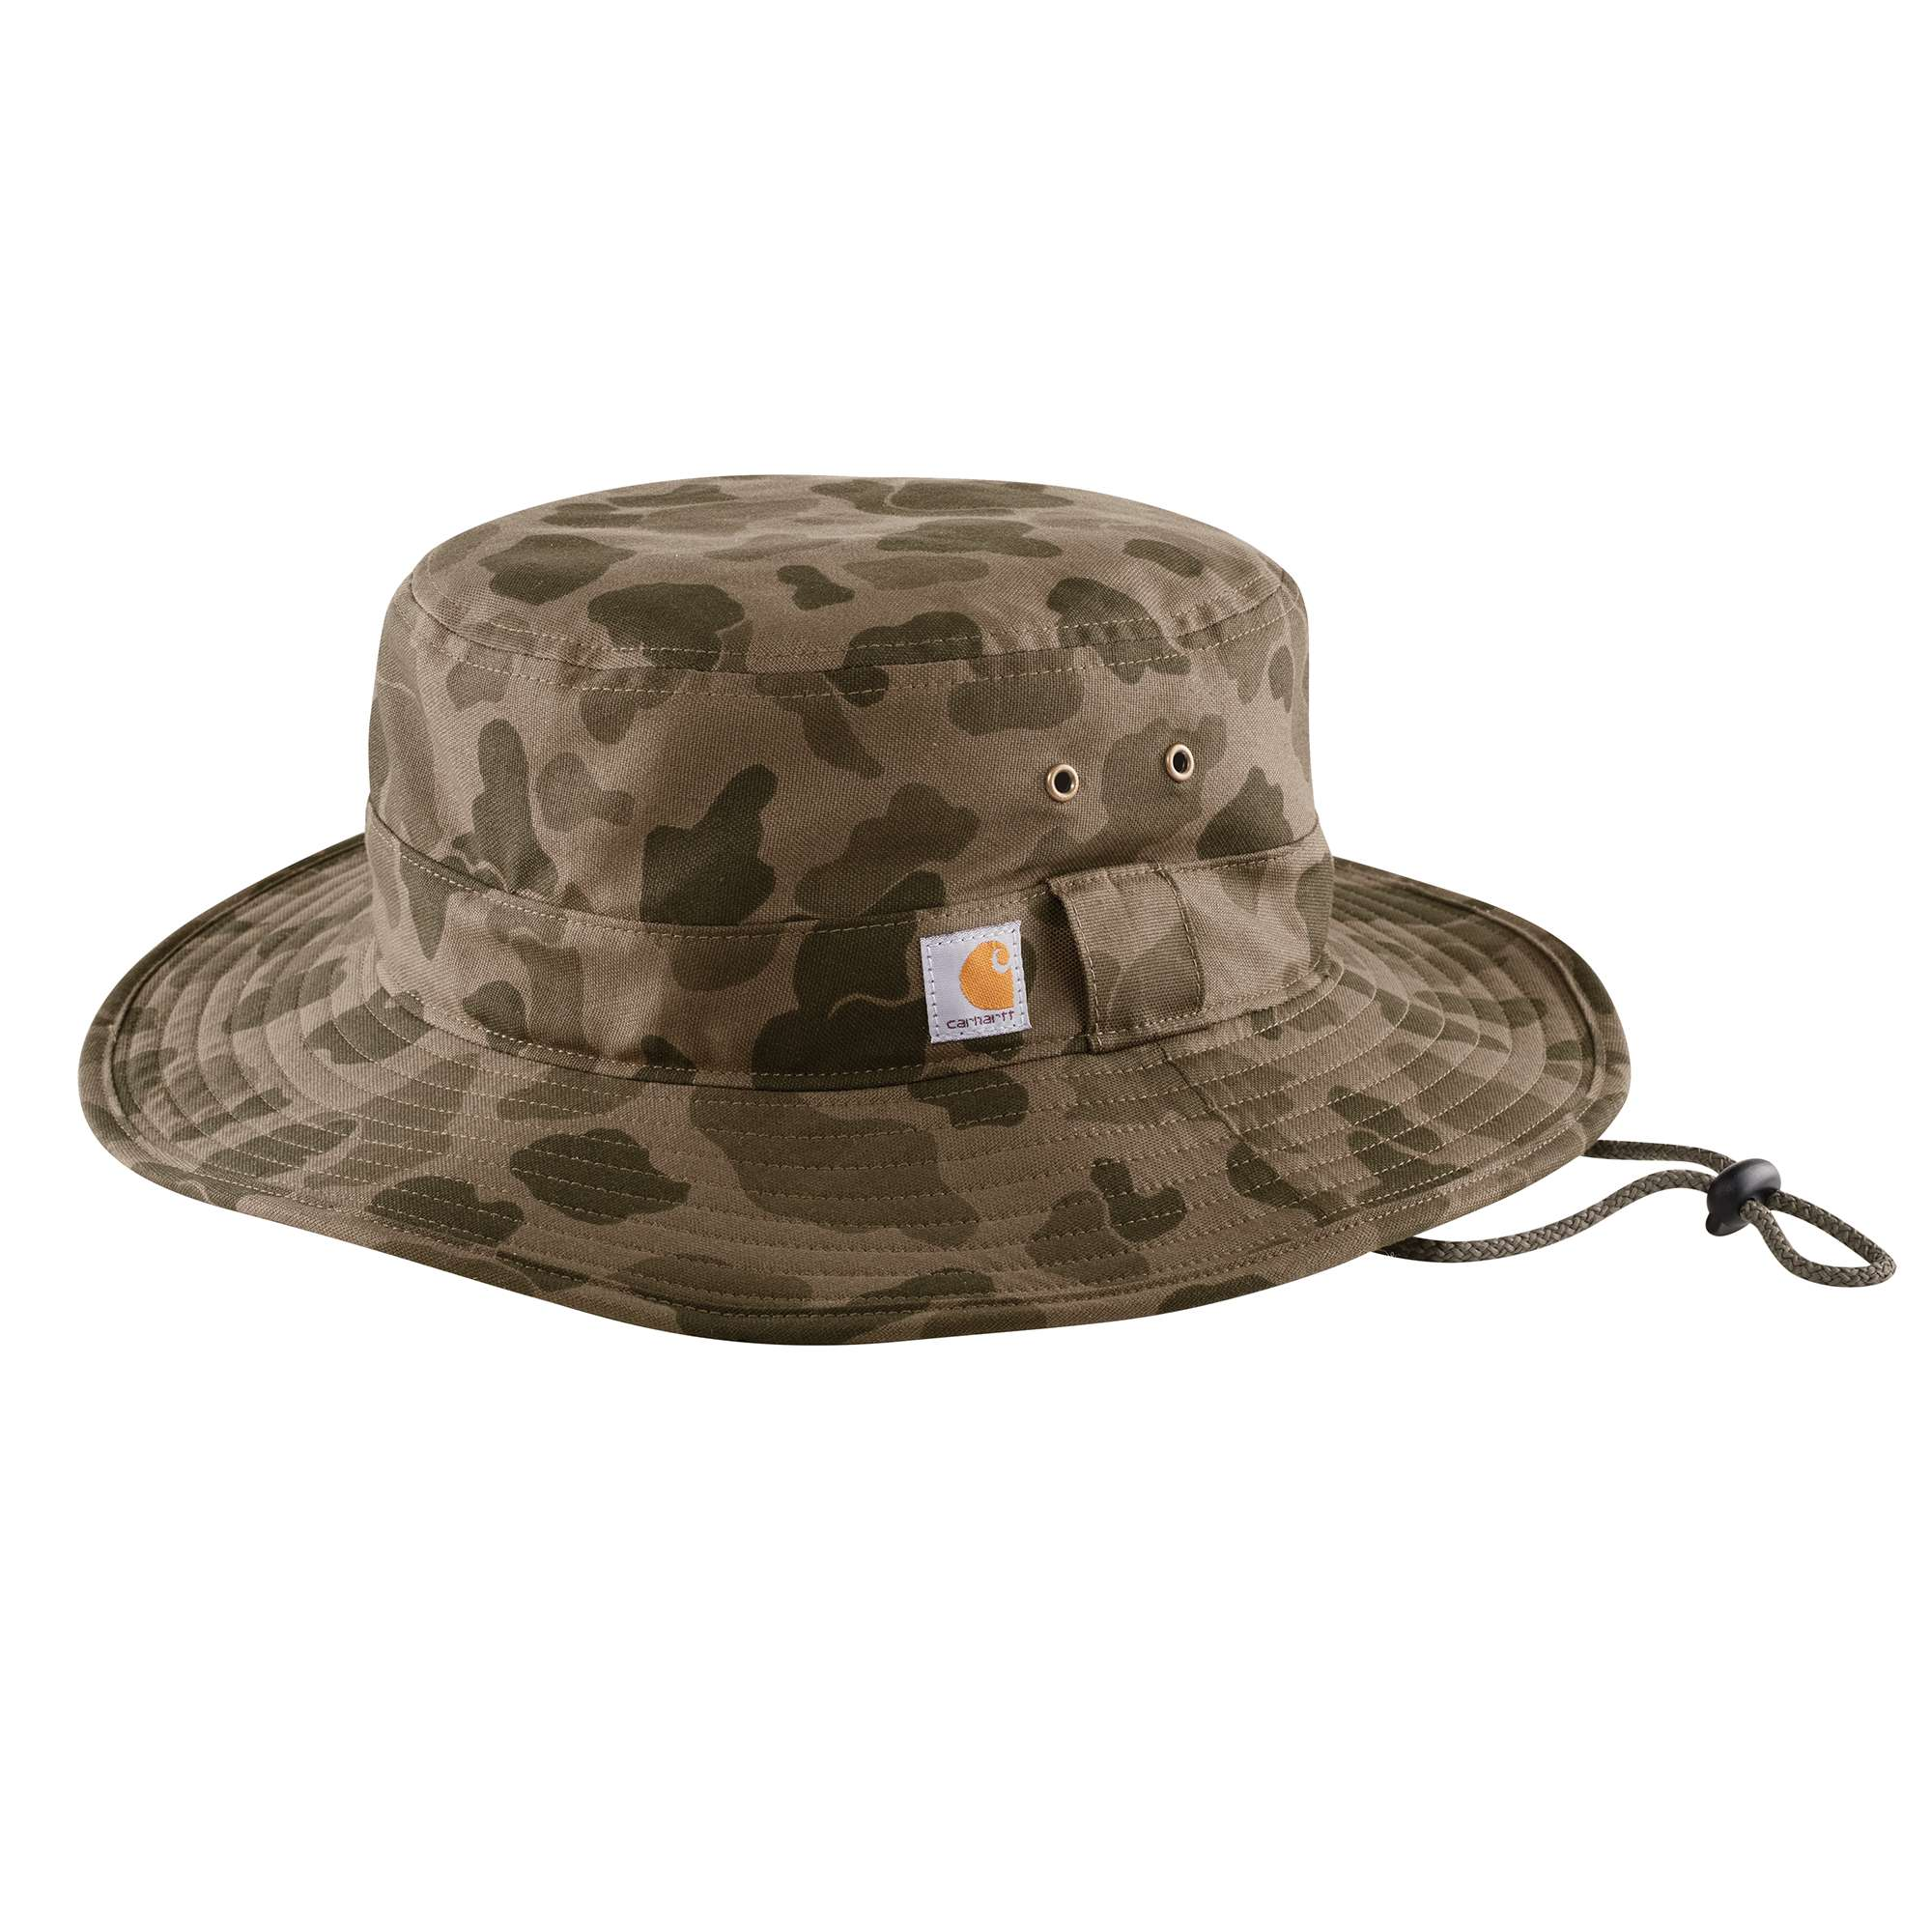 Carhartt Rugged Flex Ripstop Full-Back Hat